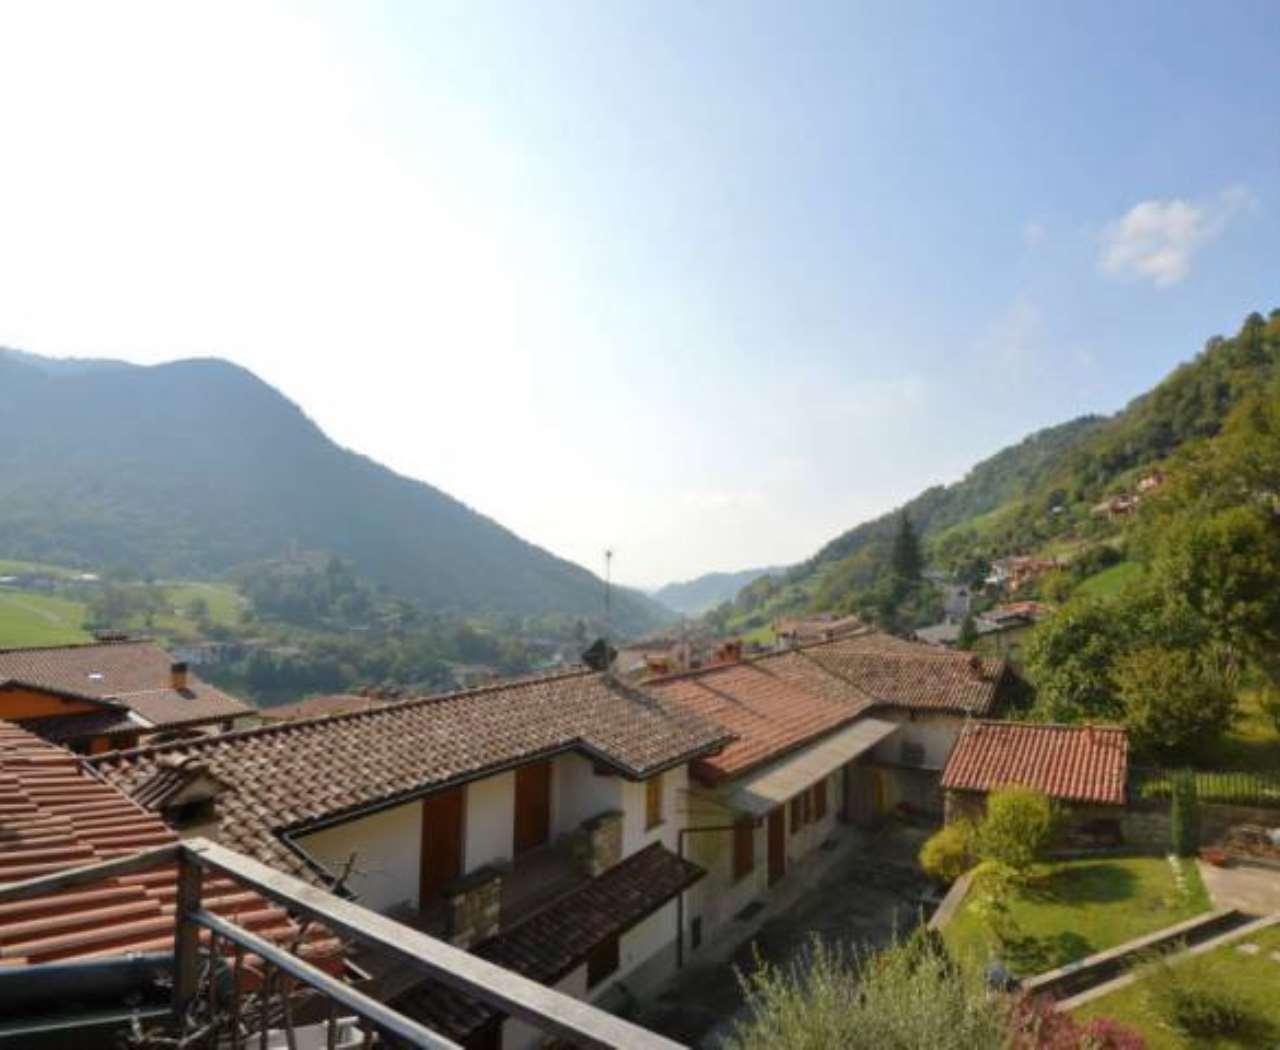 Rustico / Casale in vendita a Adrara San Rocco, 5 locali, prezzo € 65.000 | PortaleAgenzieImmobiliari.it